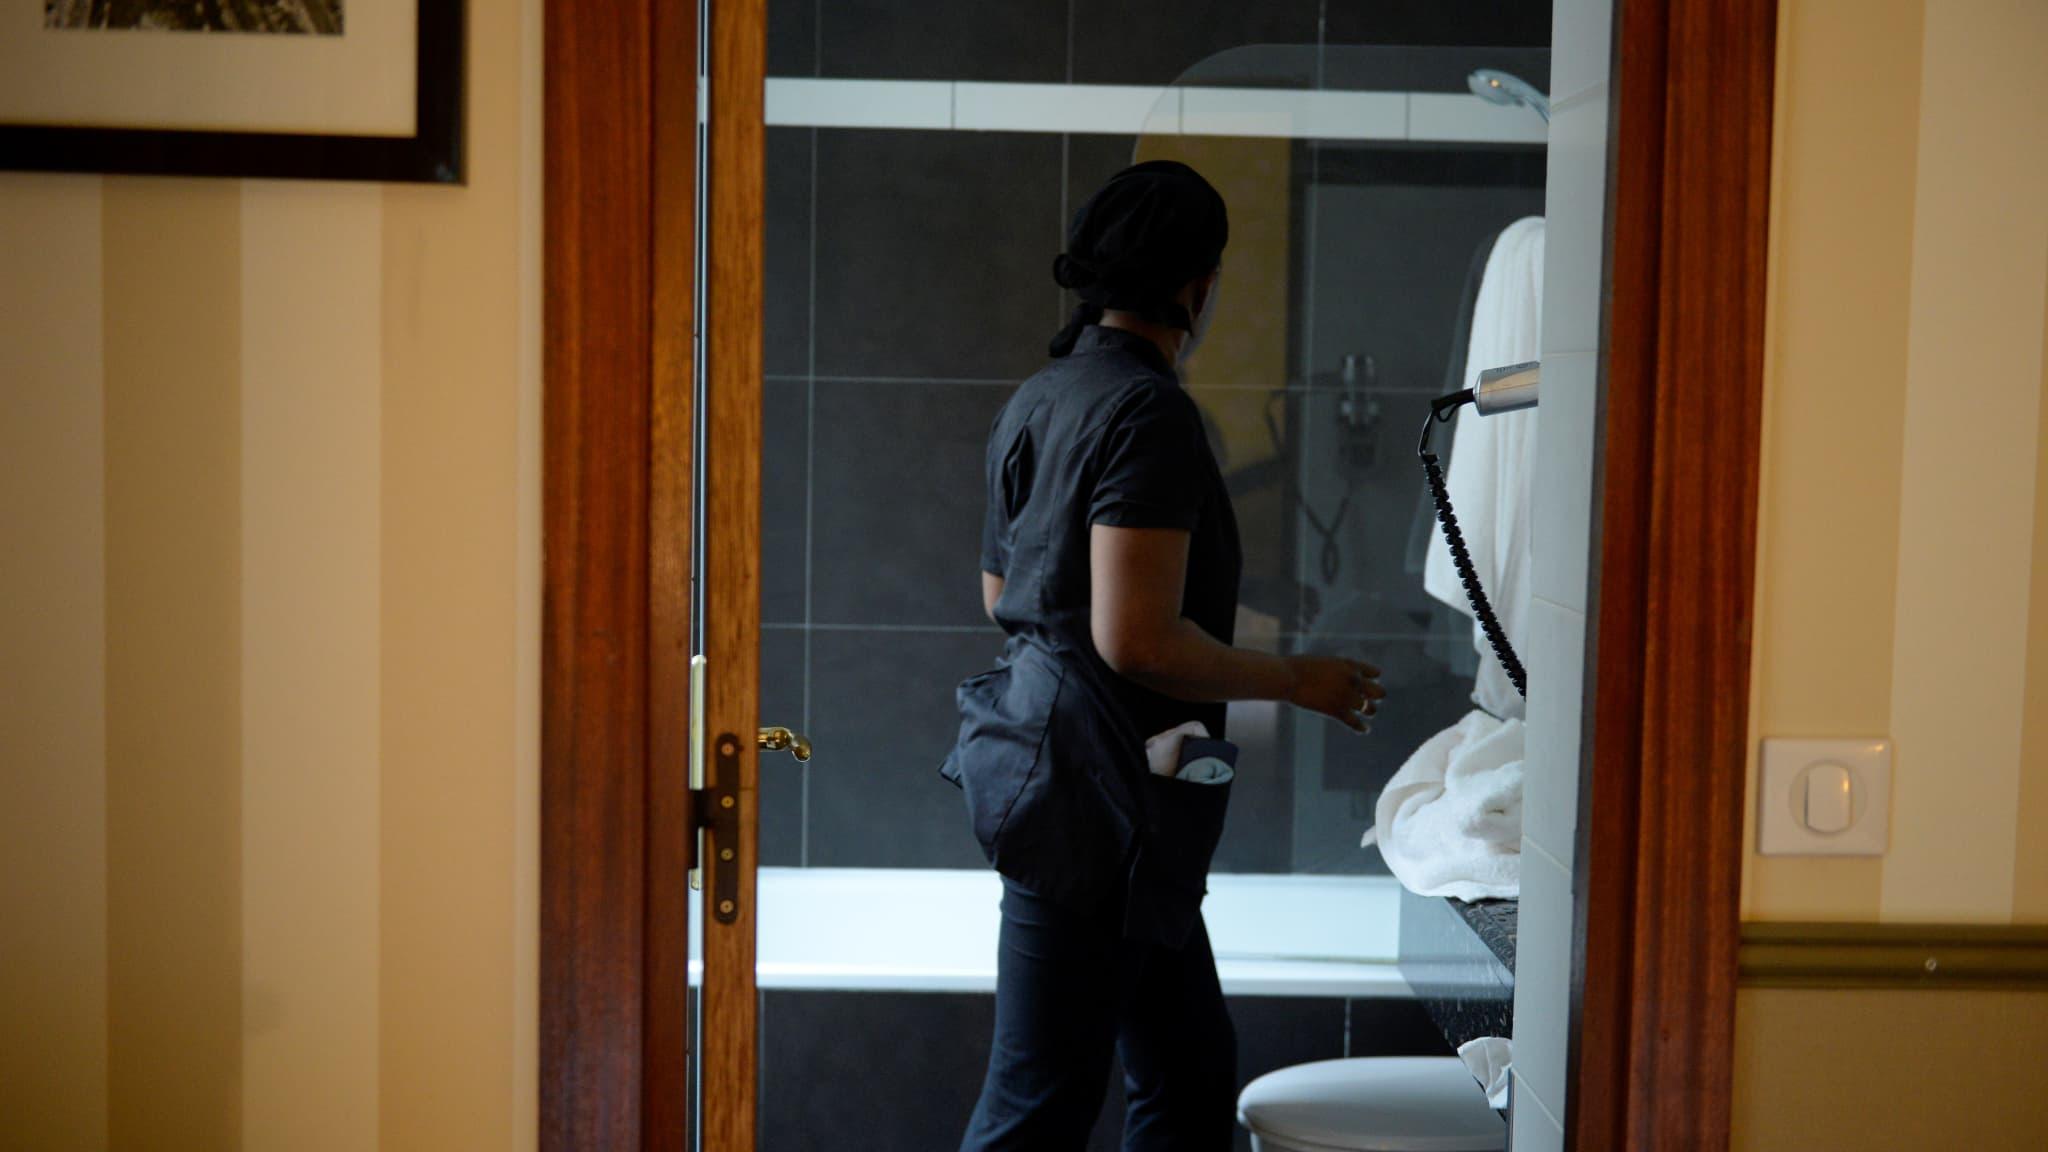 La mère de Yuriy, l'adolescent passé à tabac à Paris, accusée de travail dissimulé